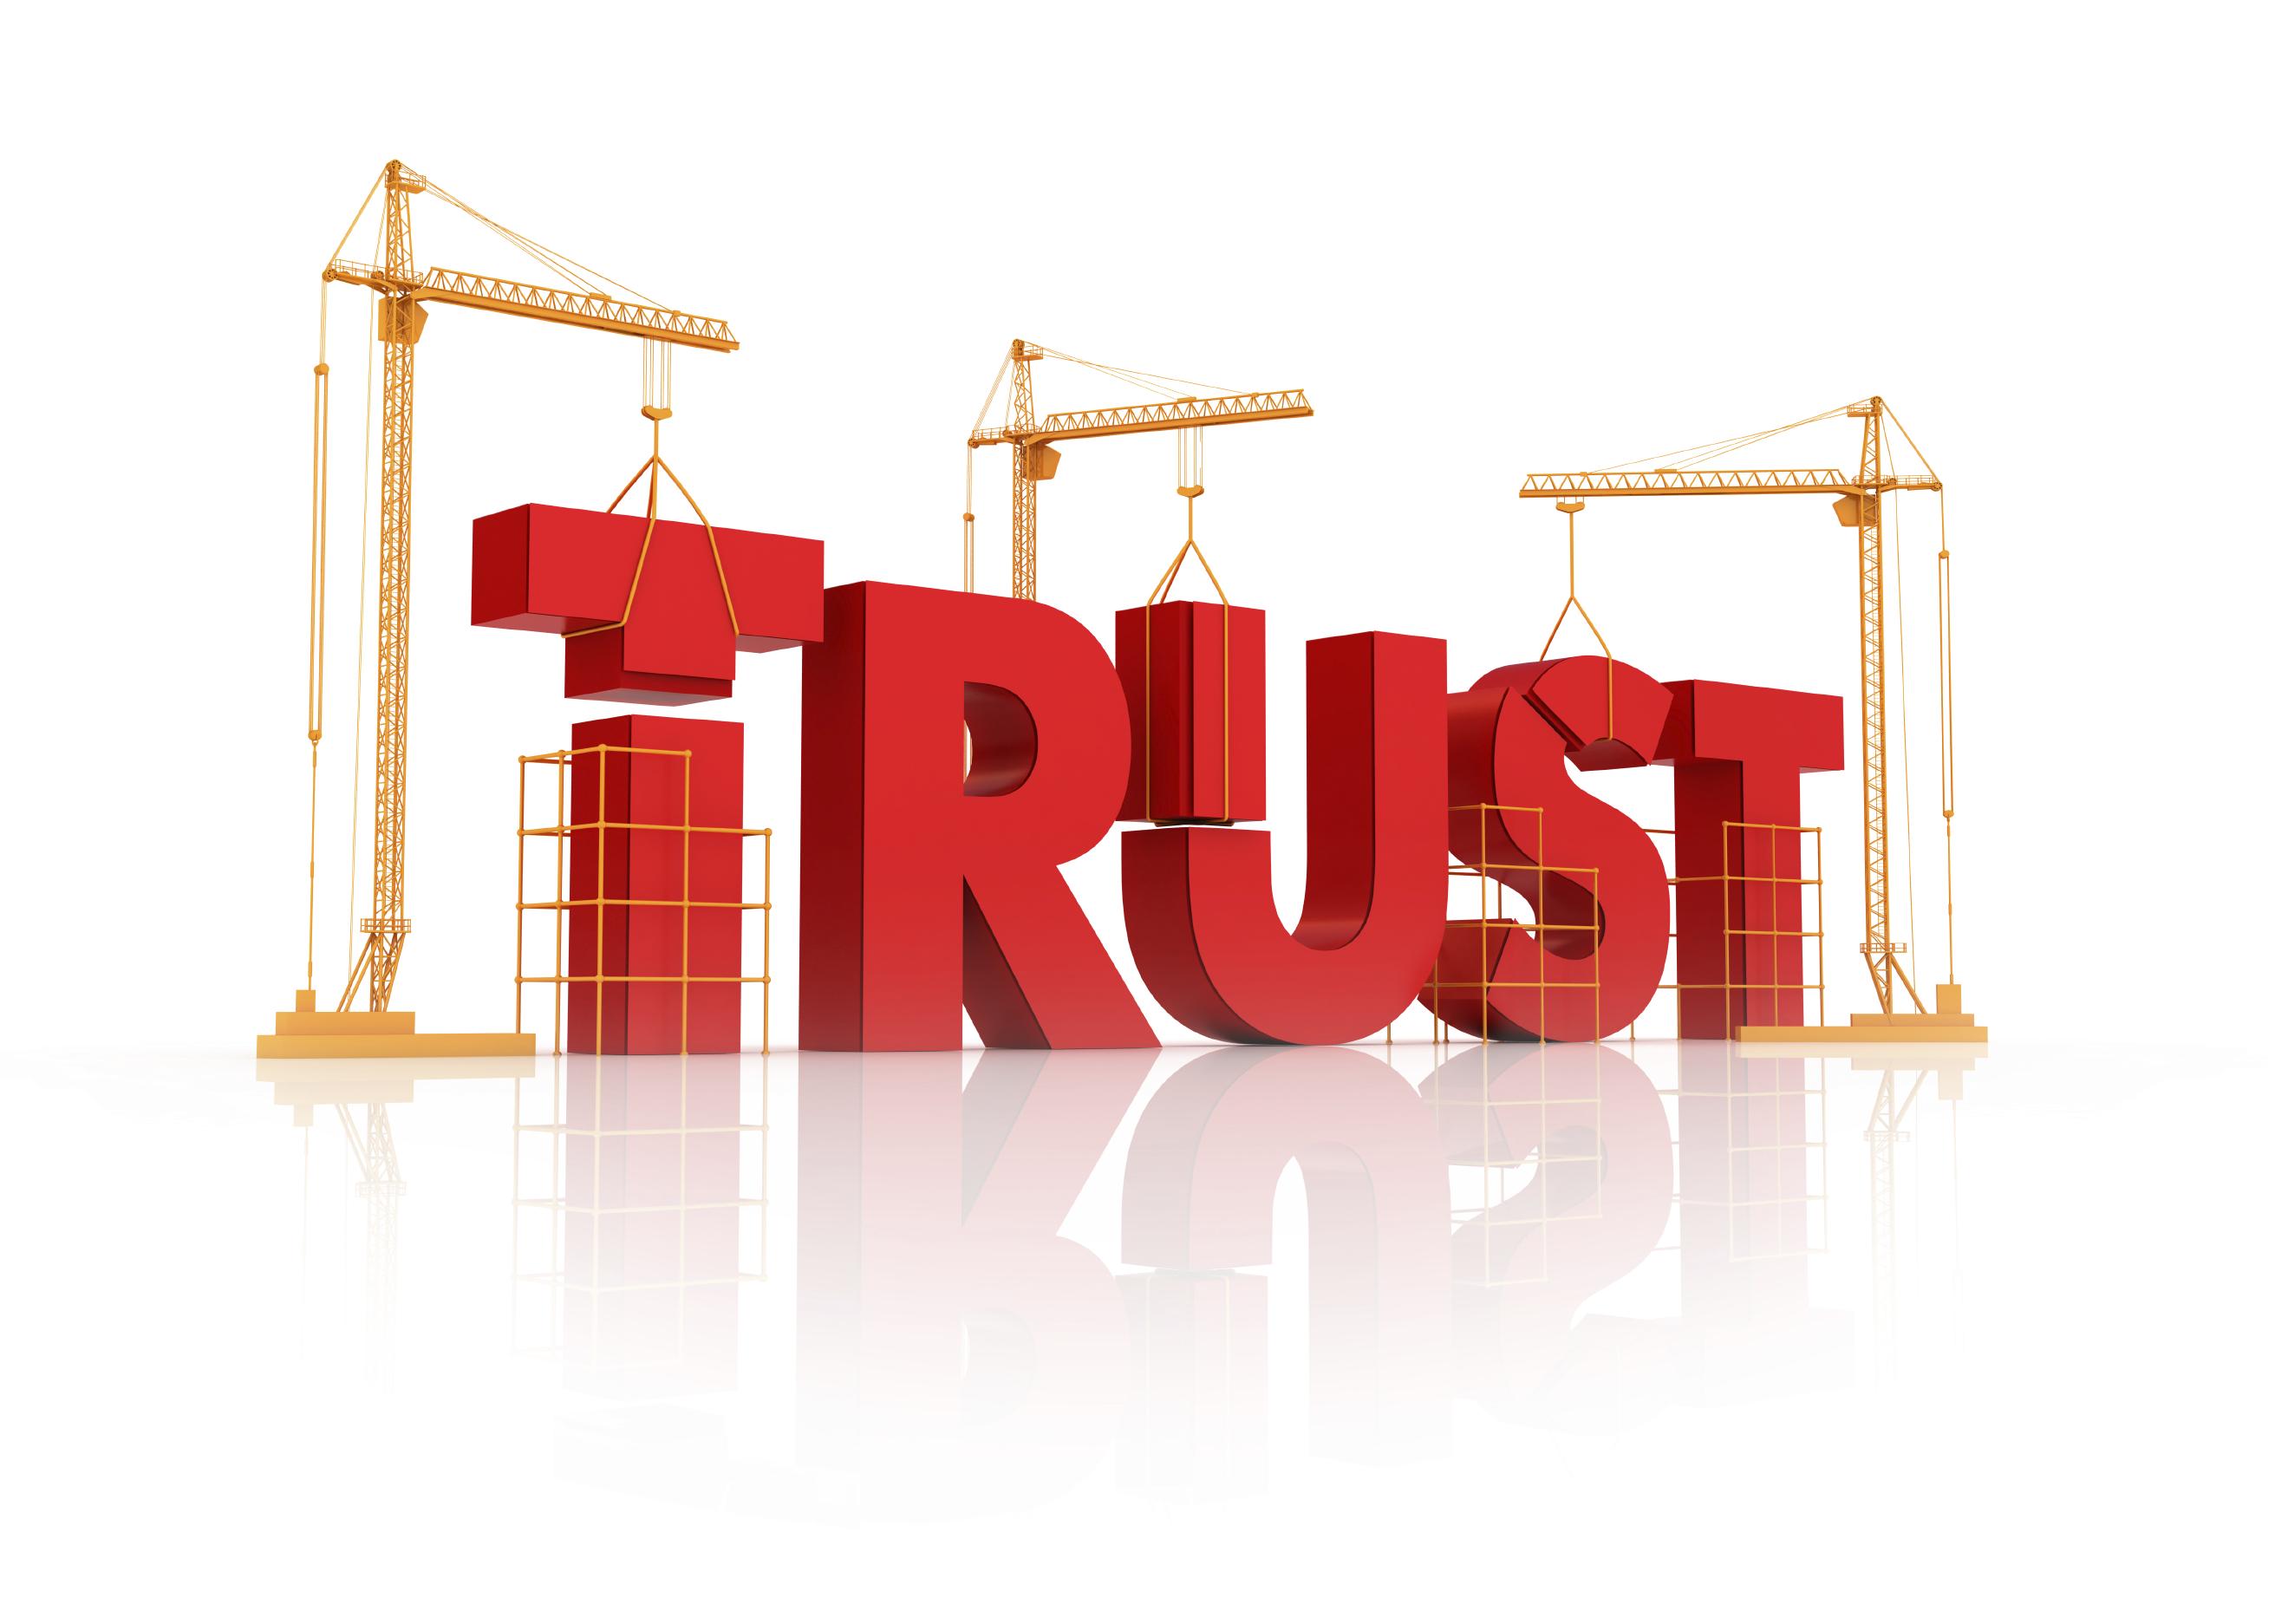 Building Trust - Sean Heritage